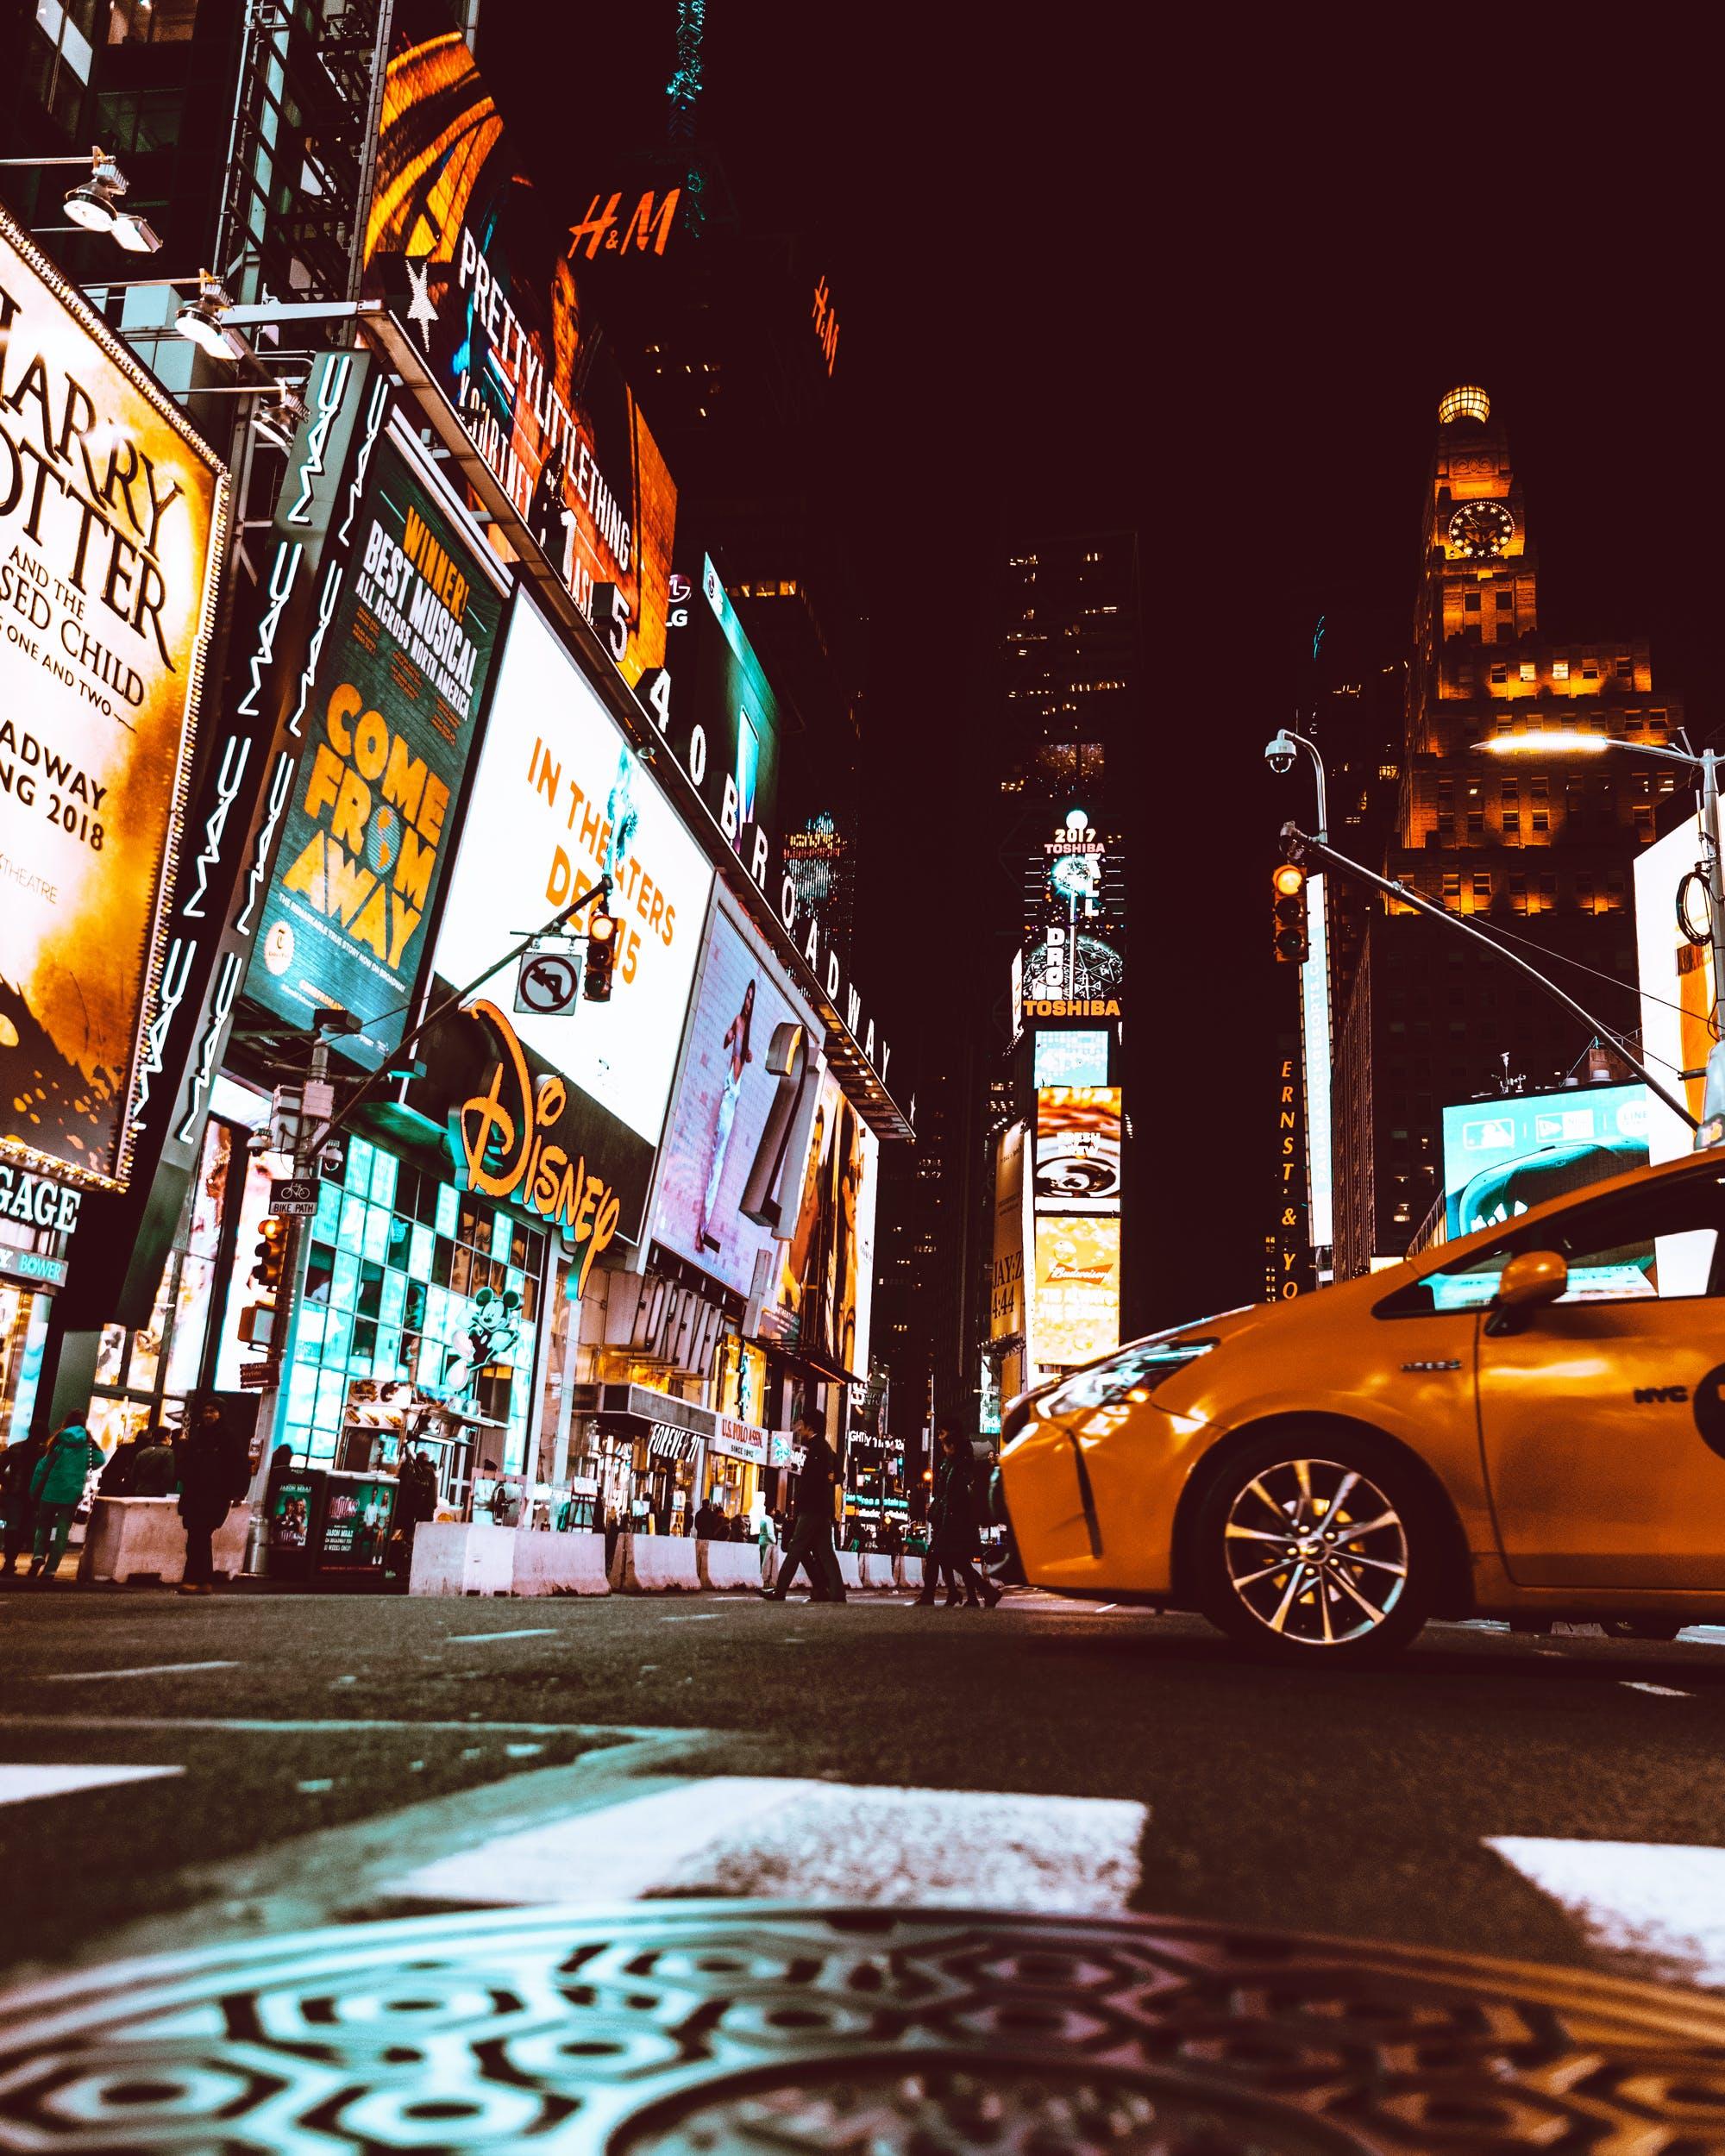 Δωρεάν στοκ φωτογραφιών με Broadway, Άνθρωποι, απόγευμα, αρχιτεκτονική